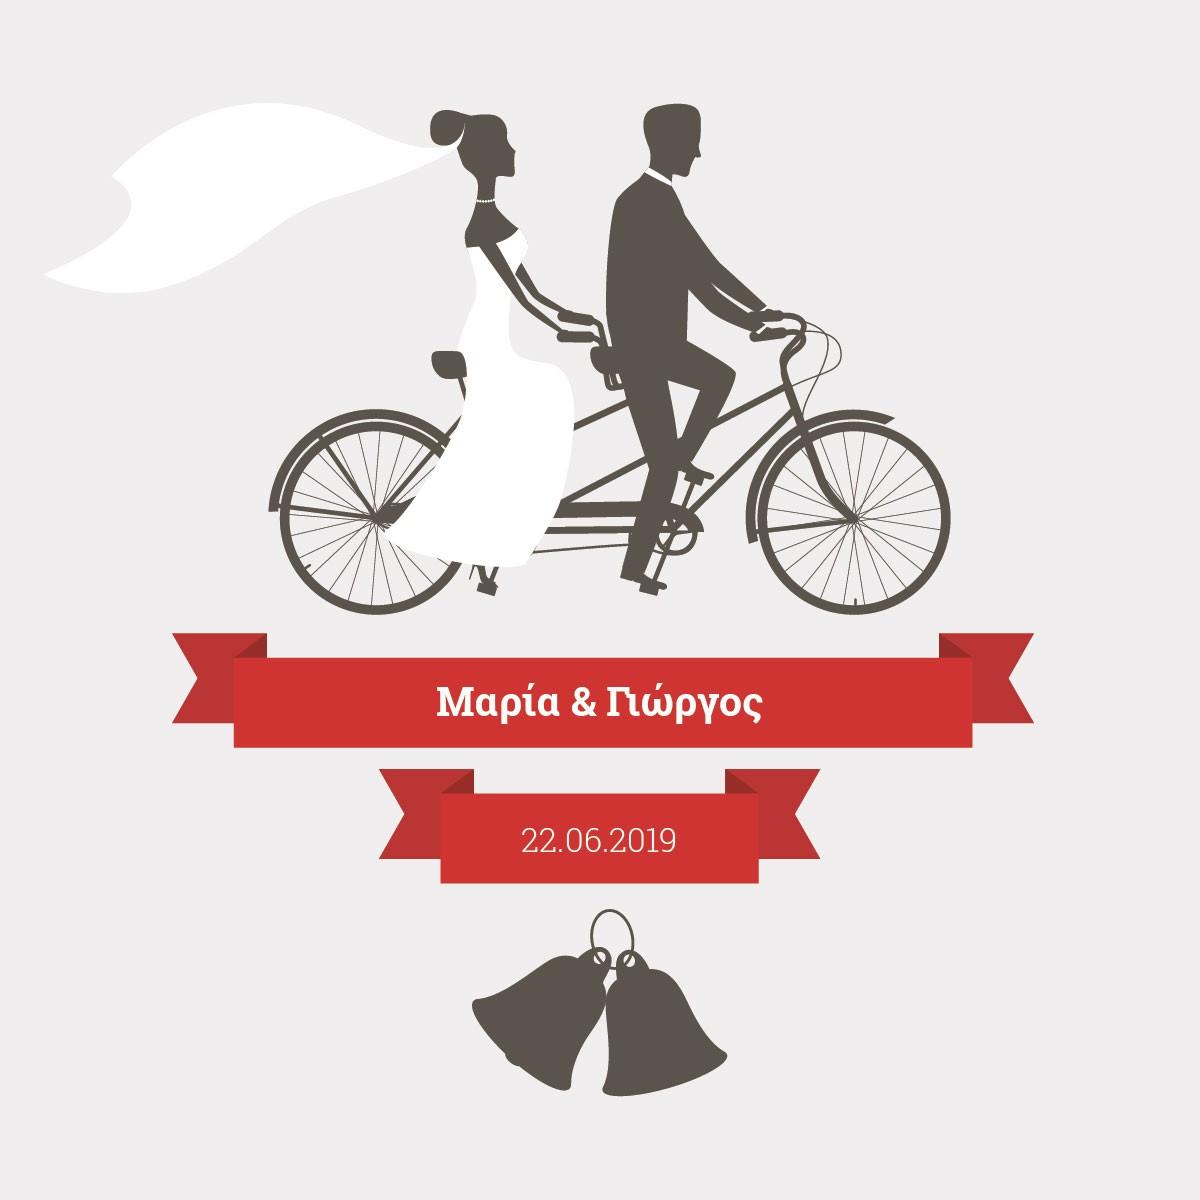 Ζευγάρι σε ποδήλατο